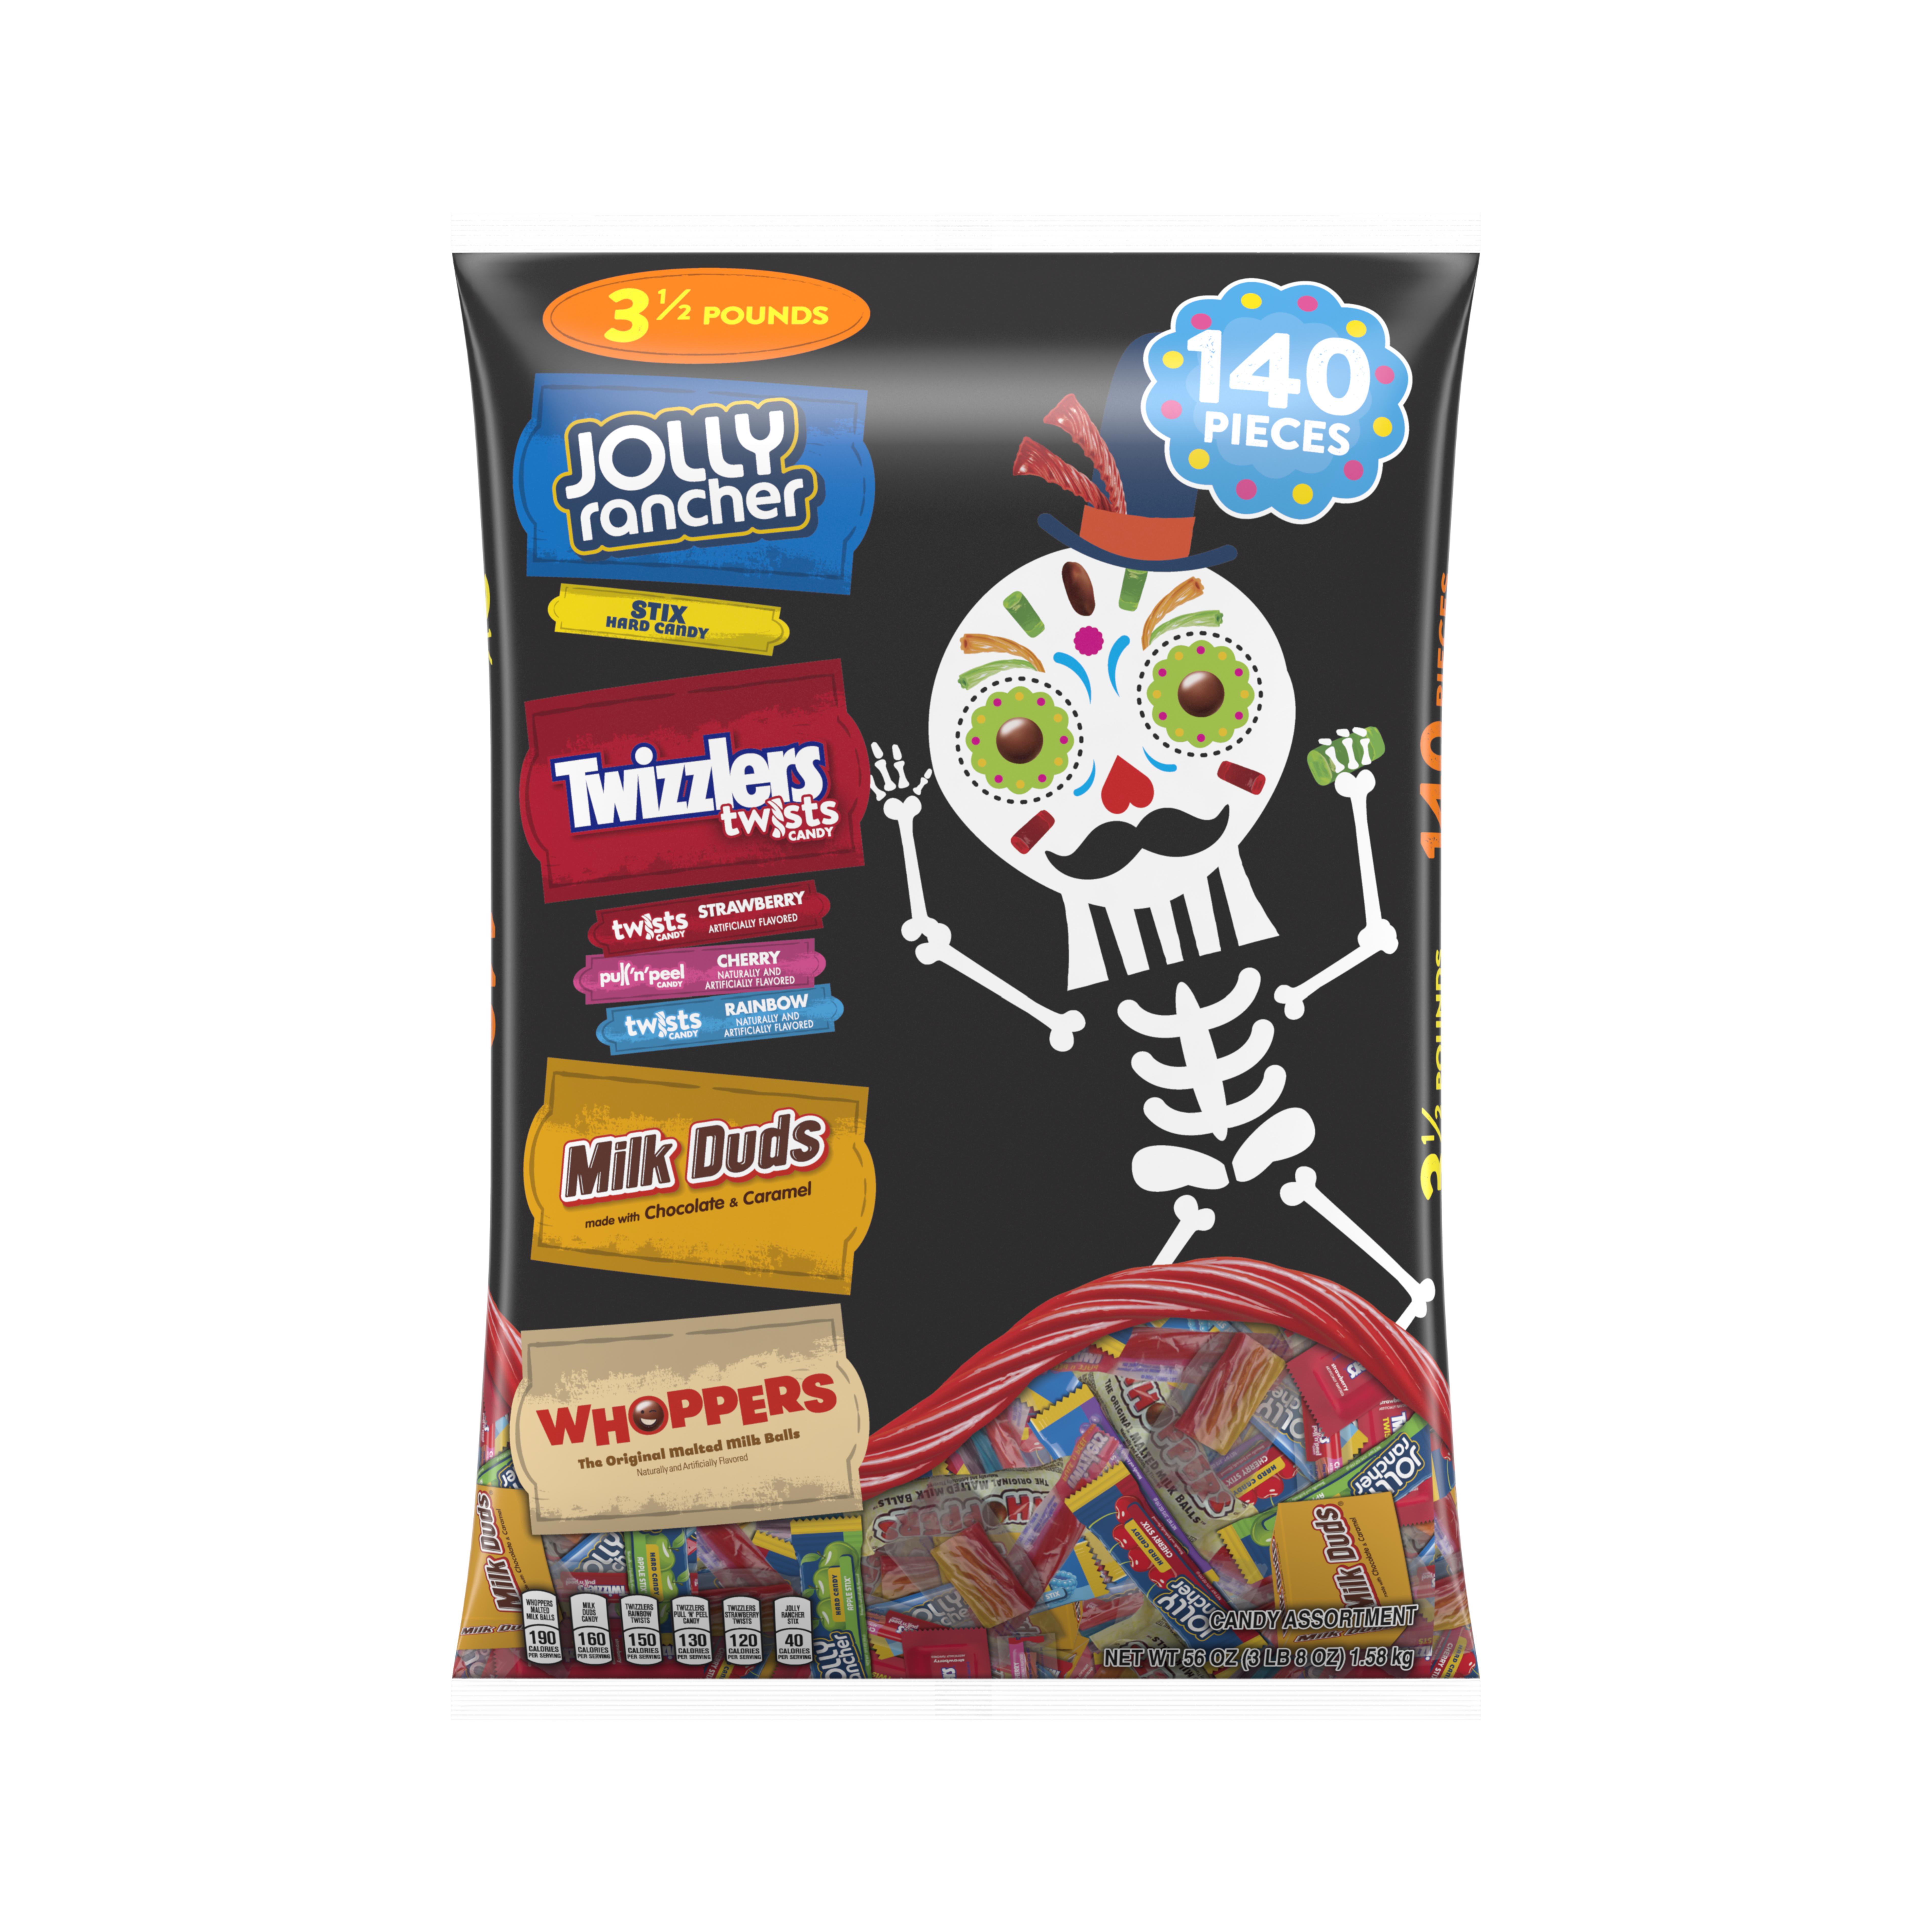 Hershey Halloween Snack Size Assortment, 140 Pieces